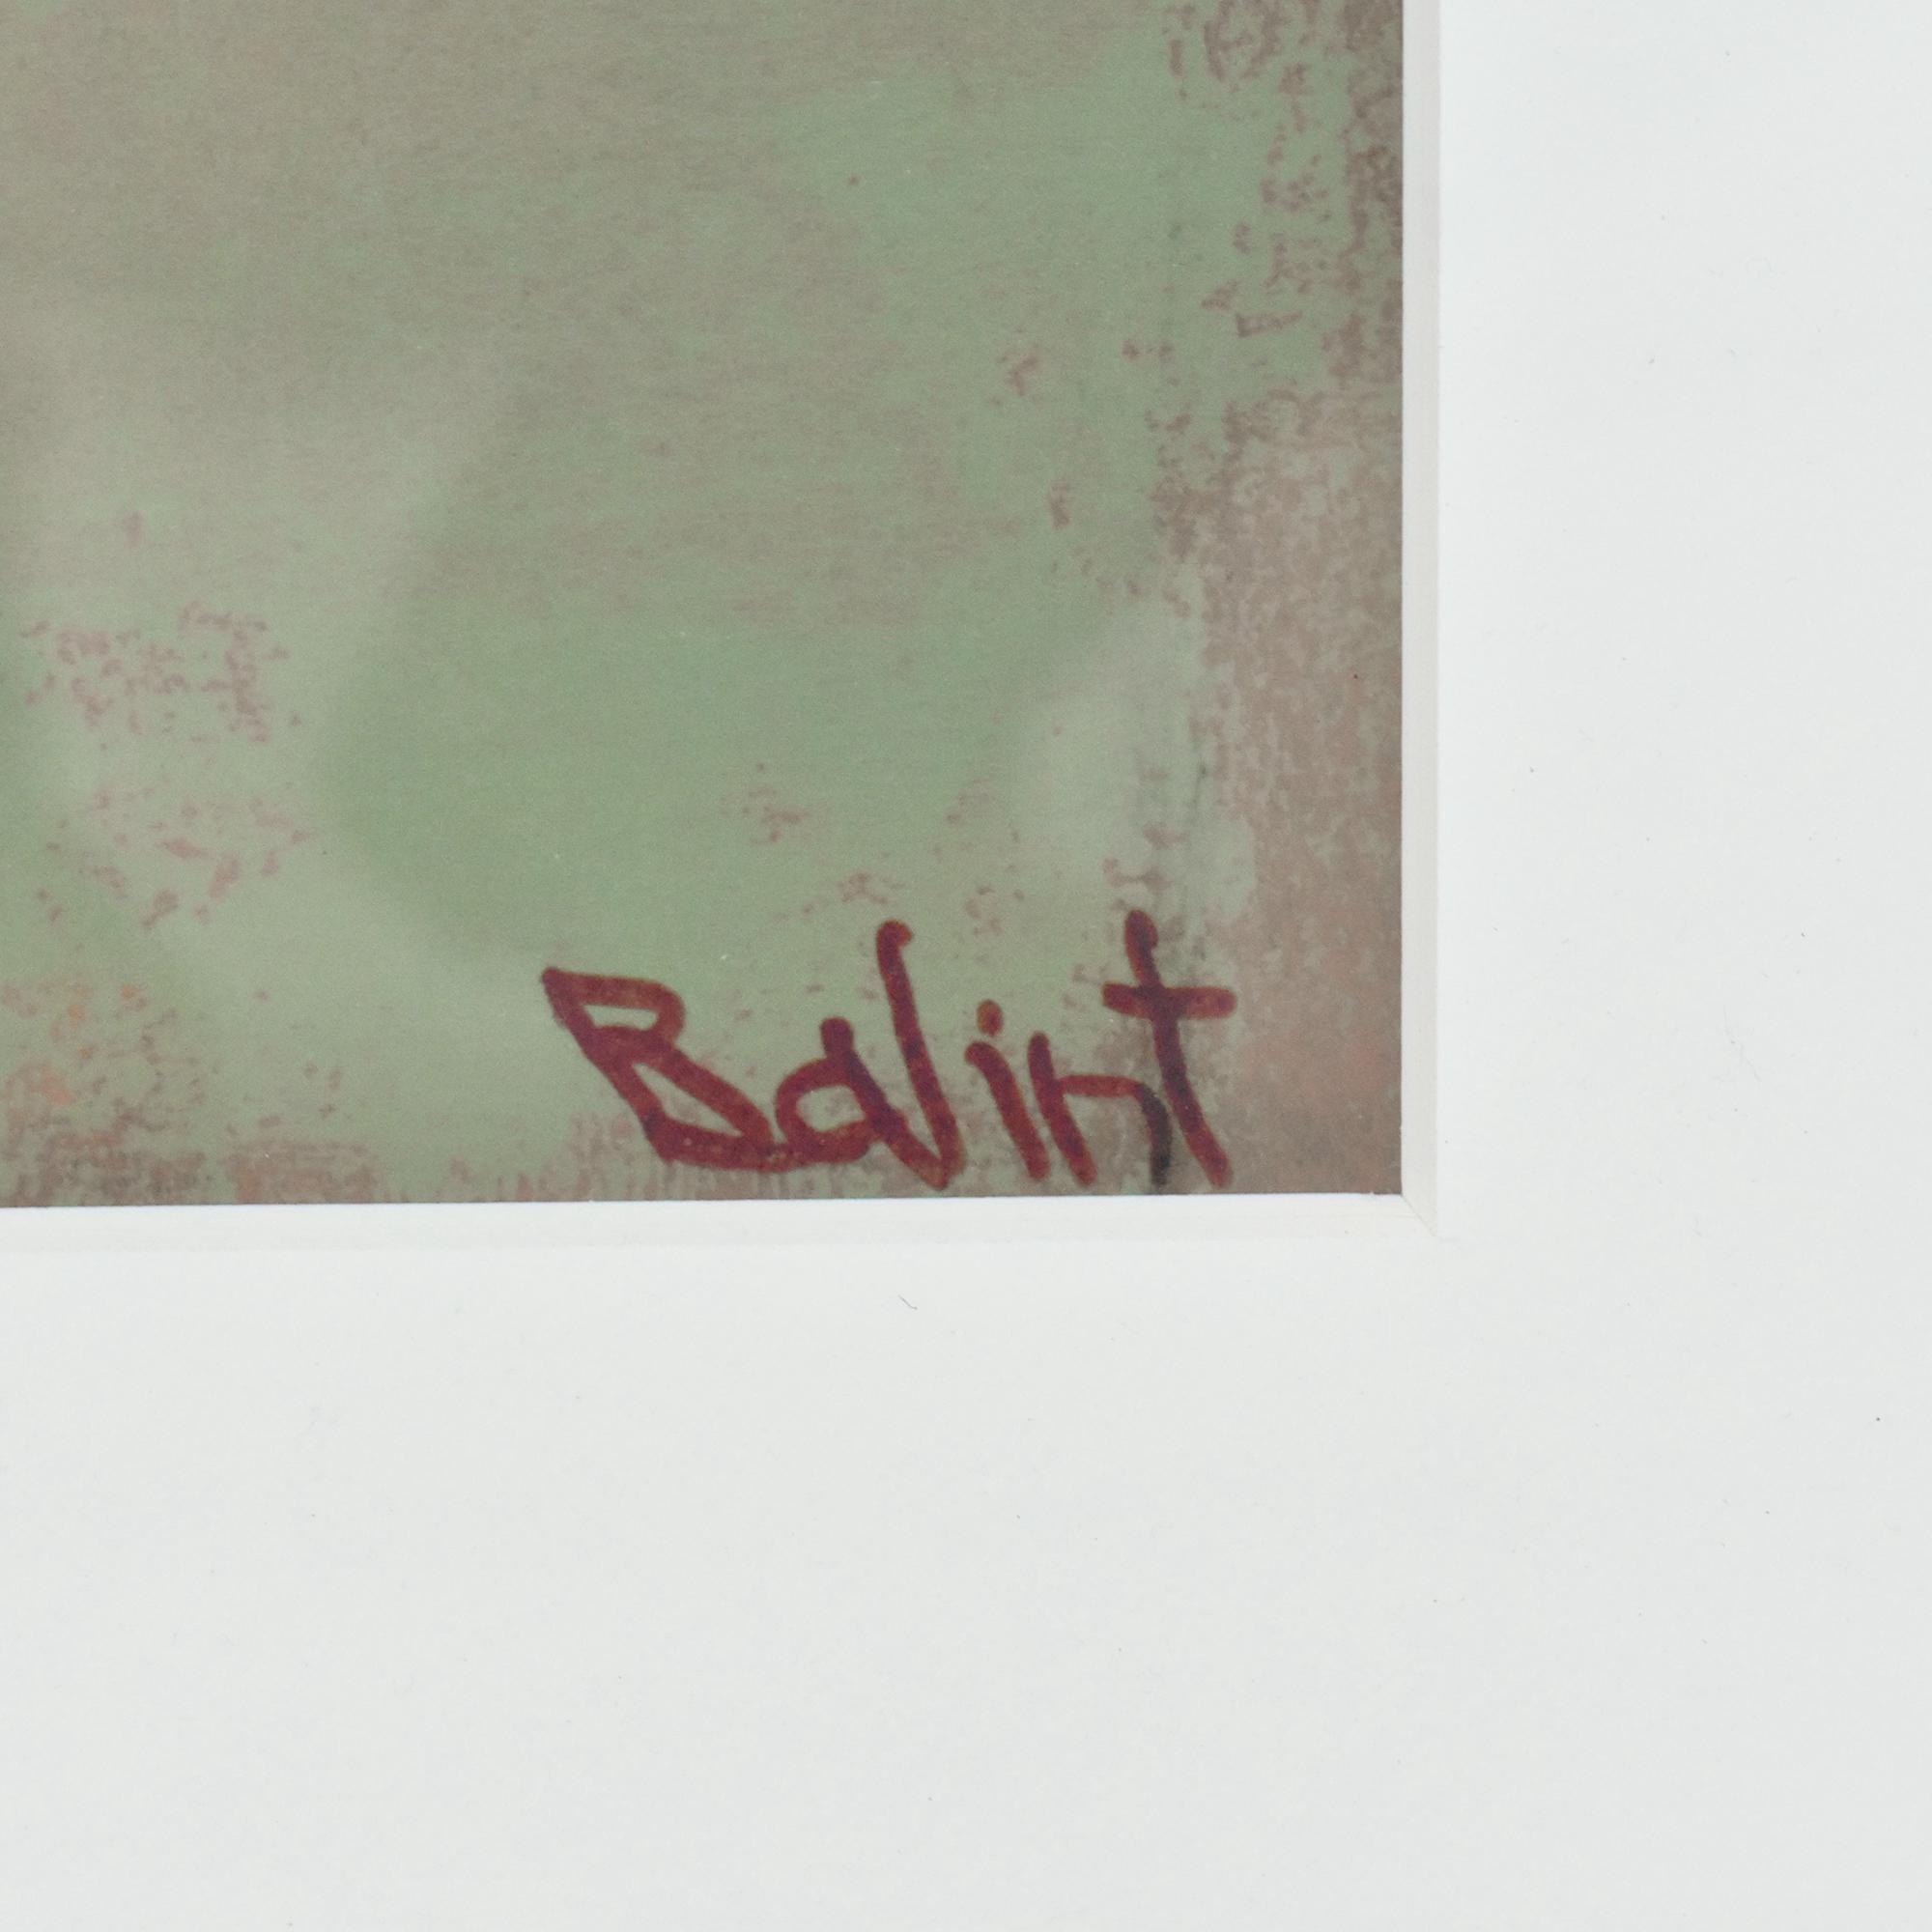 Eric Balint Escorial I & II Framed Wall Art second hand